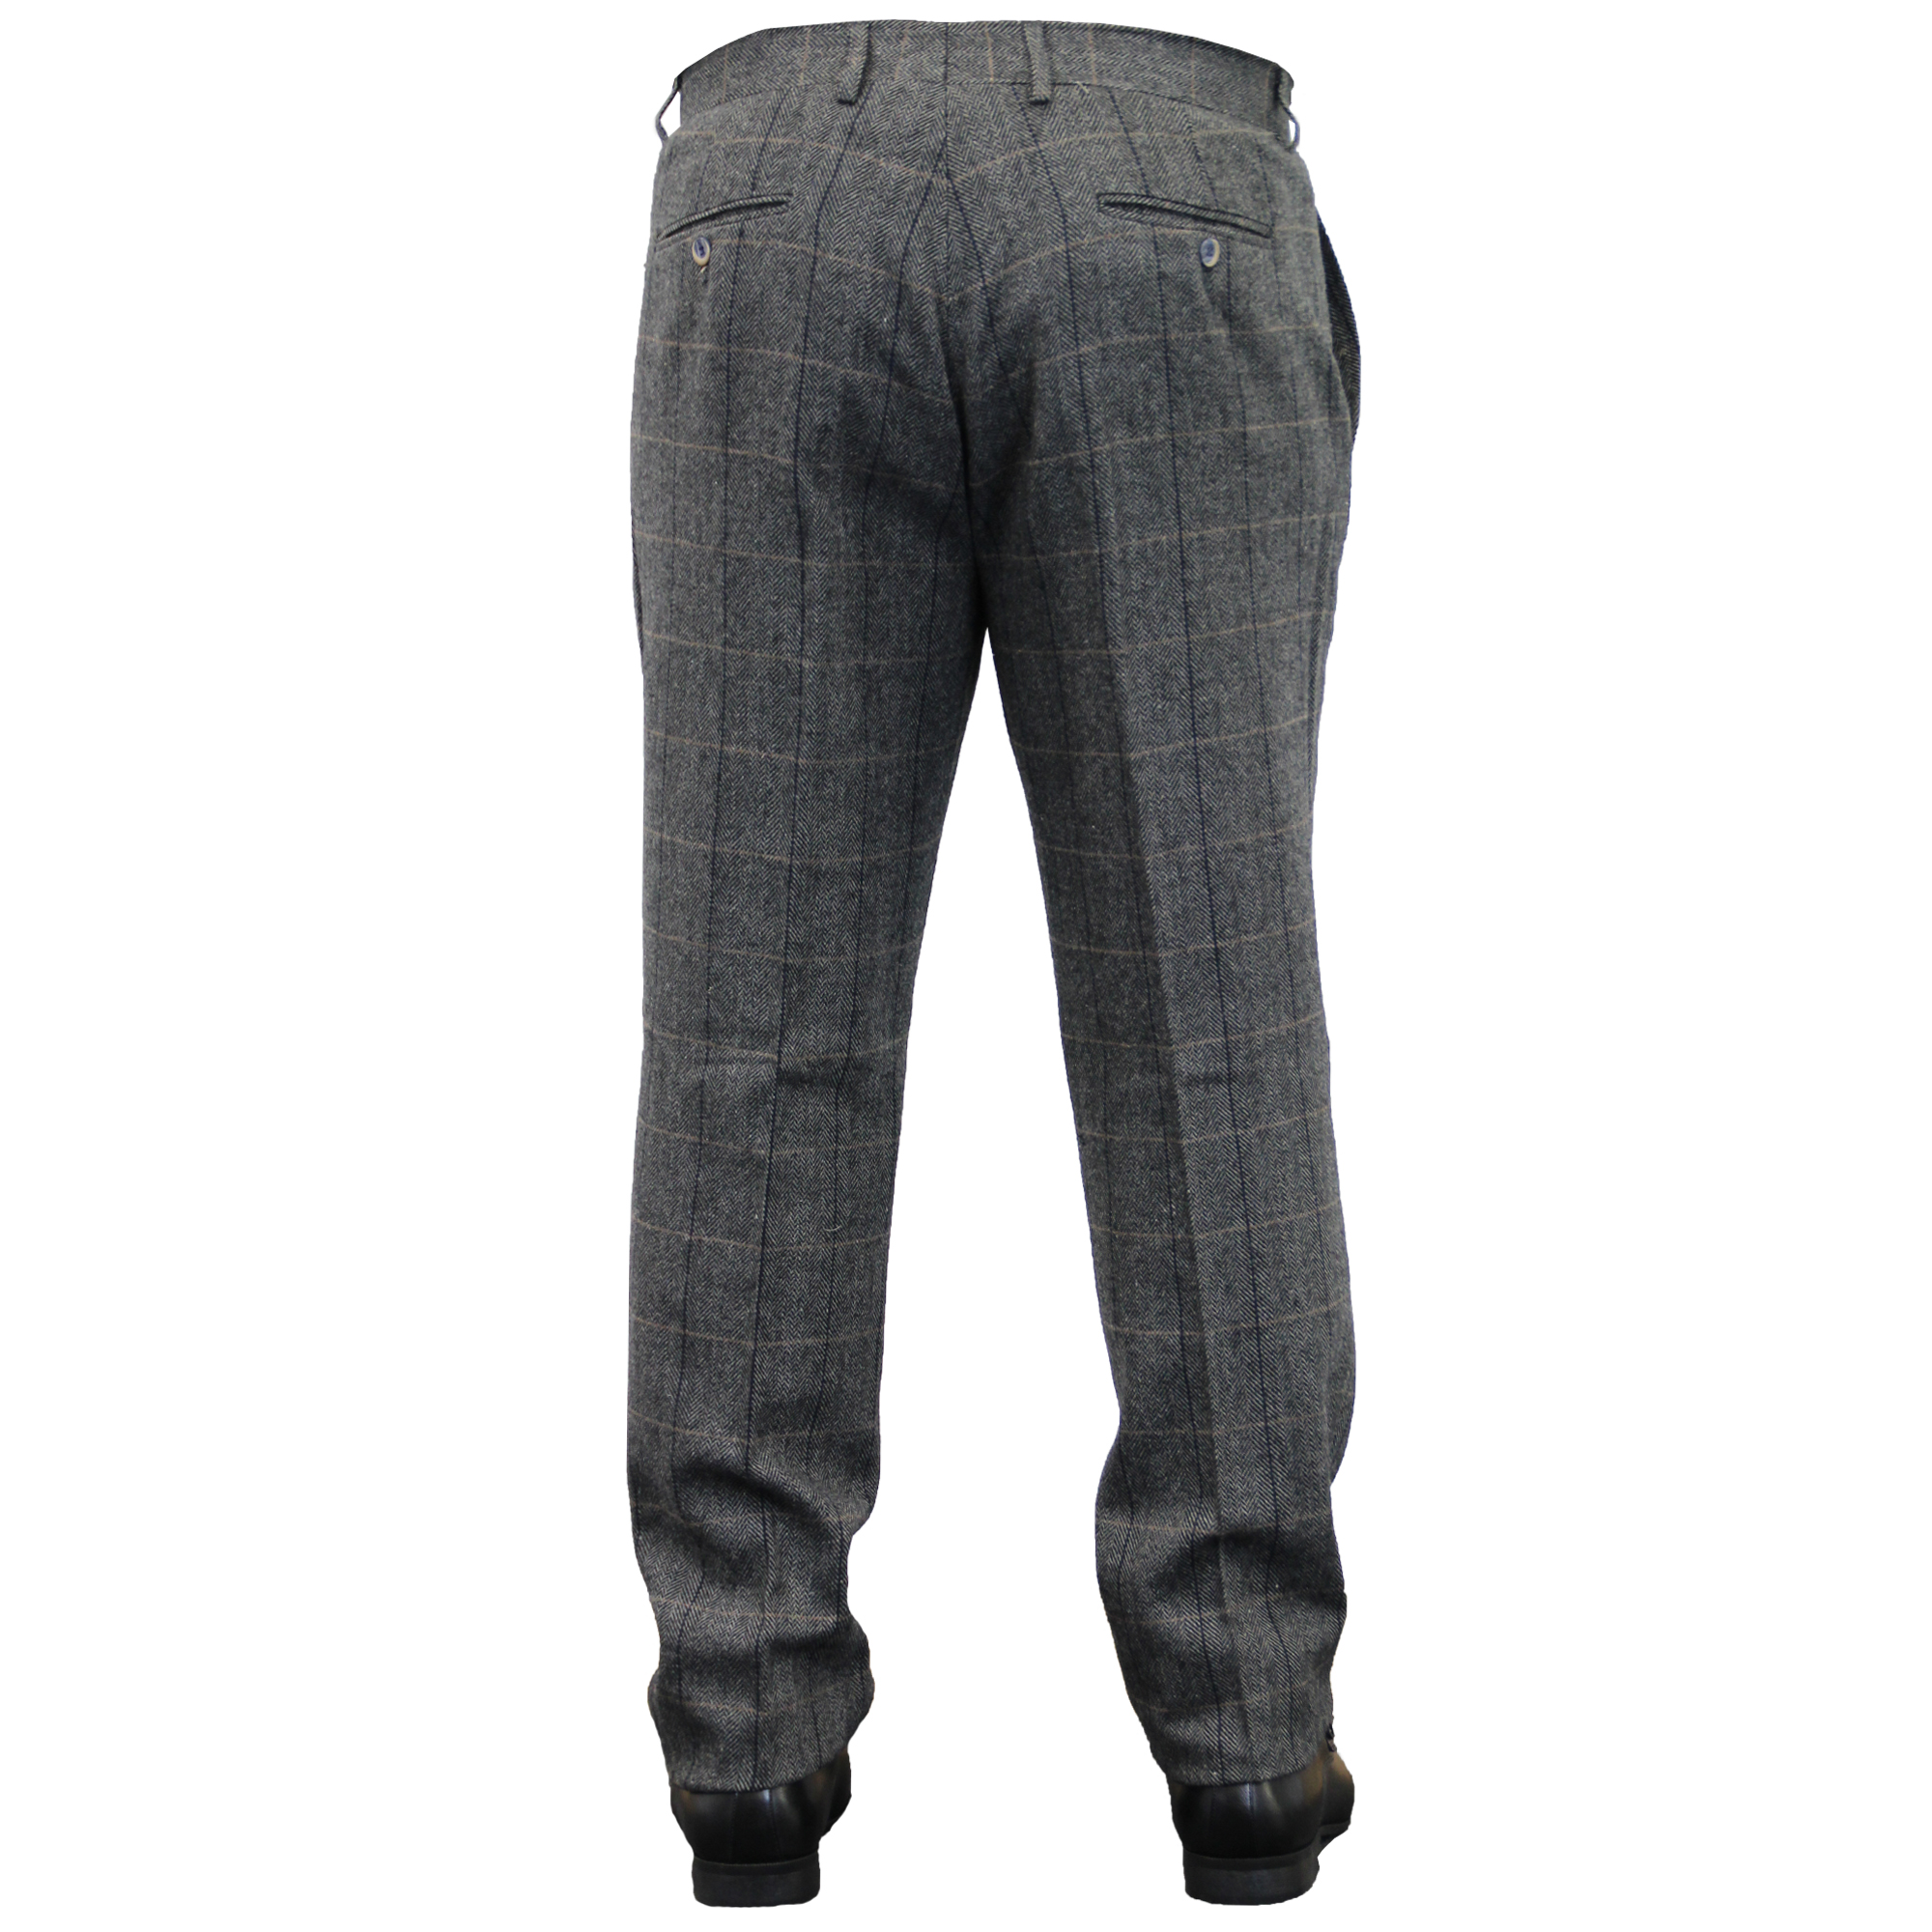 Mens-Wool-Mix-Trousers-Cavani-Tweed-Herringbone-Checked-Pants-Office-Work-New thumbnail 4